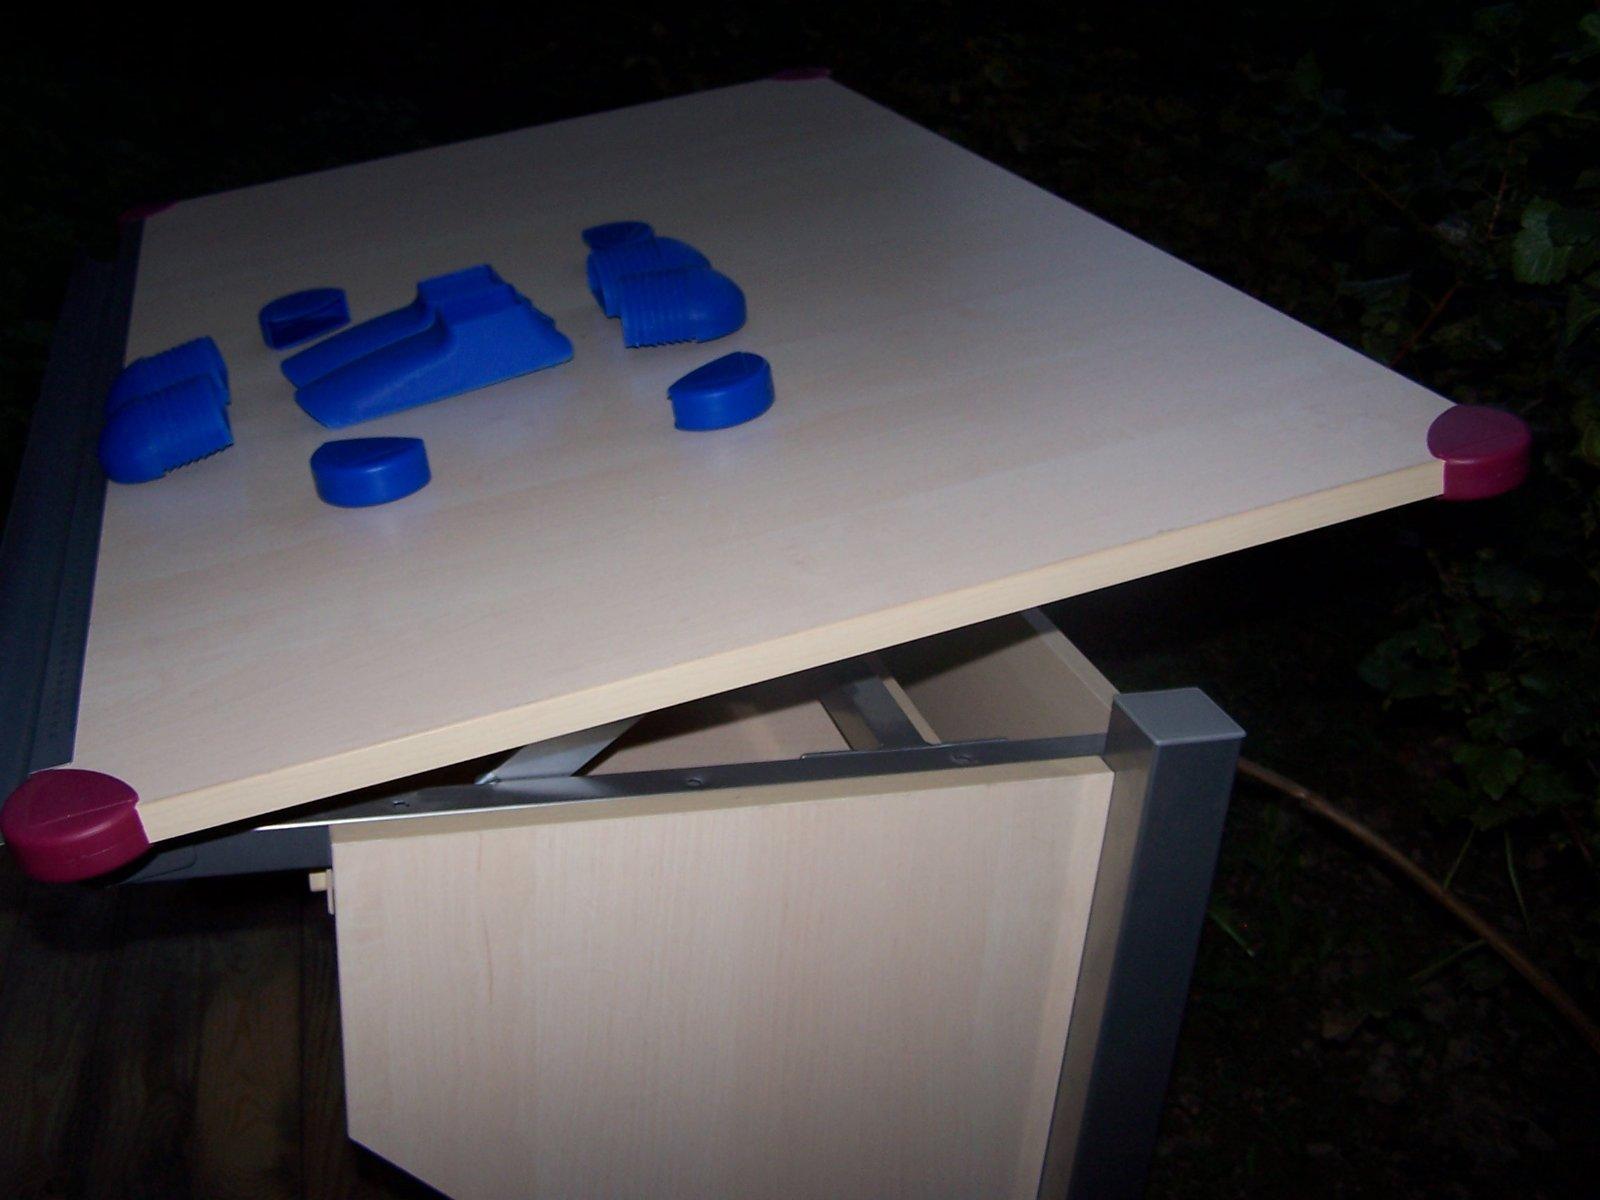 2f0bf9b735c7 ... že má veľkú písaciu a nastavovaciu pracovnú plochu strácame. Mám k nemu  obe farebné doplnky. Predám ho za 50